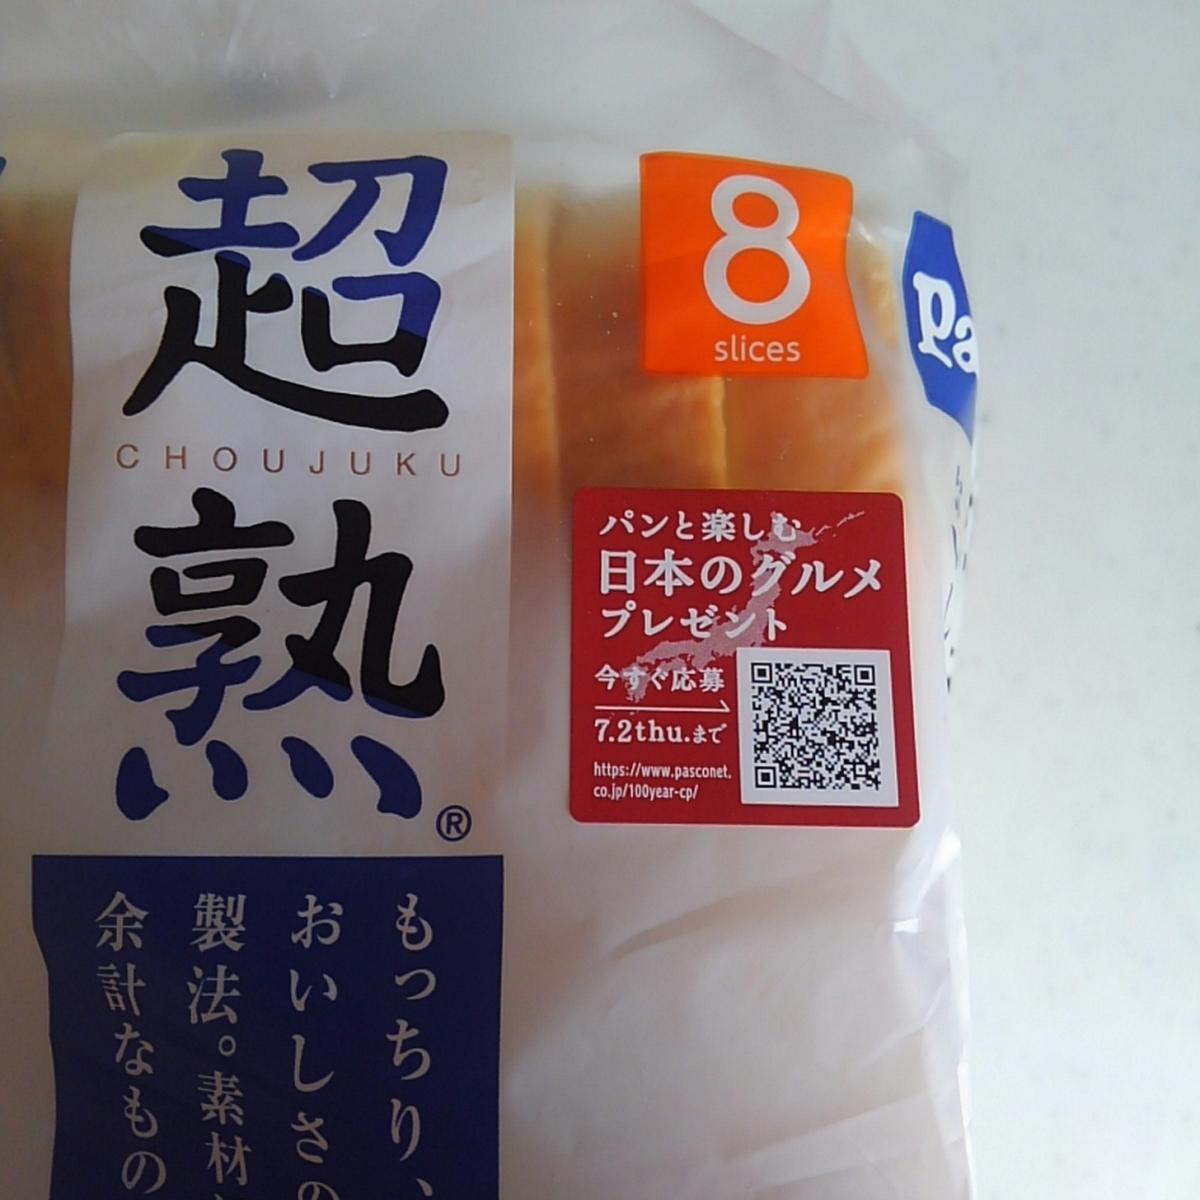 パンと楽しむ日本のグルメプレゼント パスコ